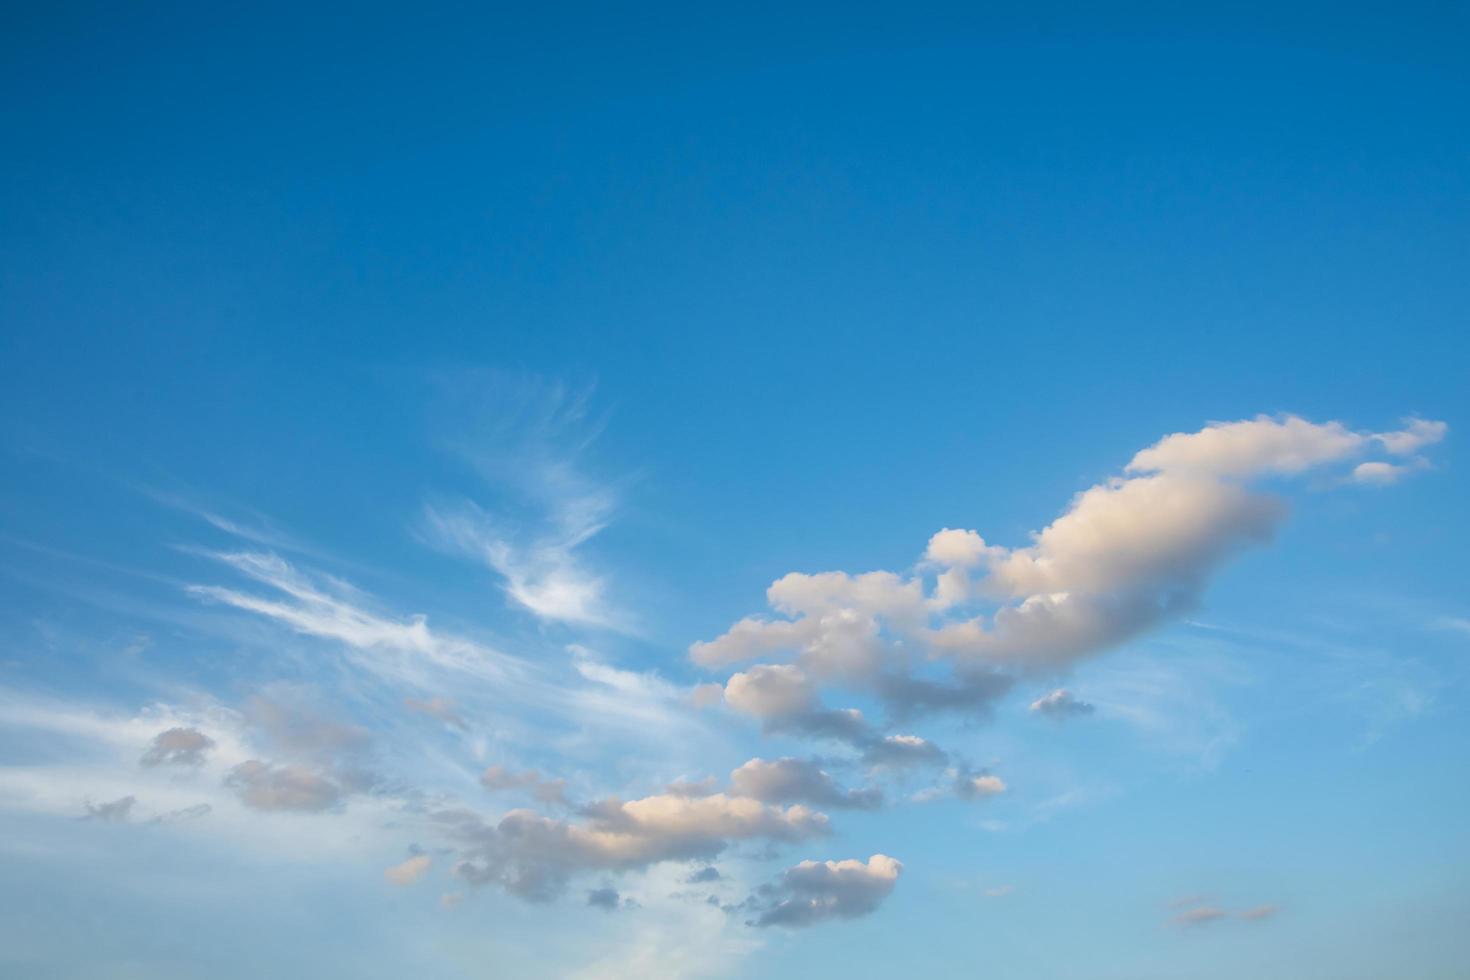 nuvens em um céu azul foto